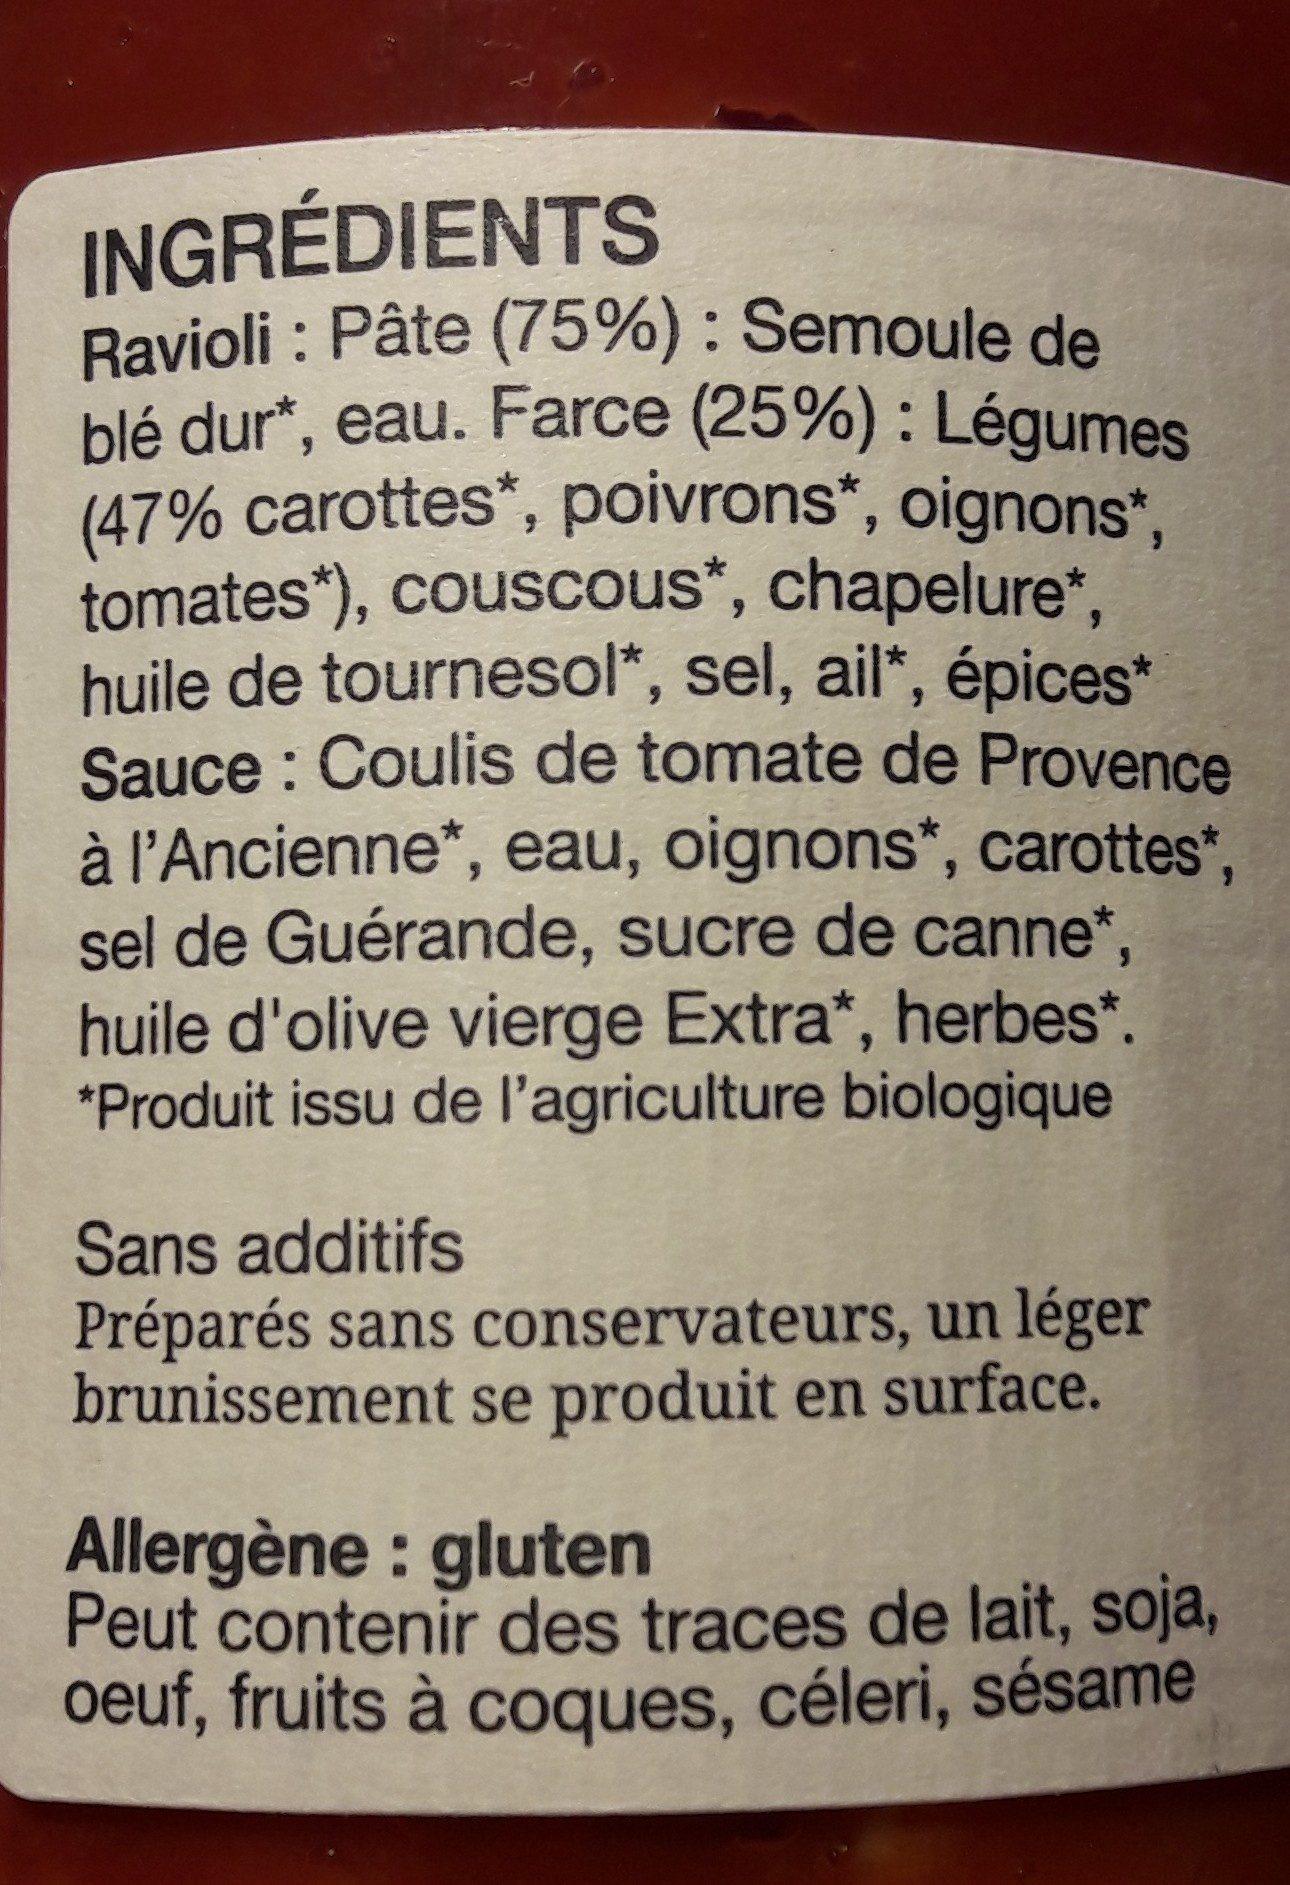 650G Ravioli Recette Vegetale - Ingrédients - fr